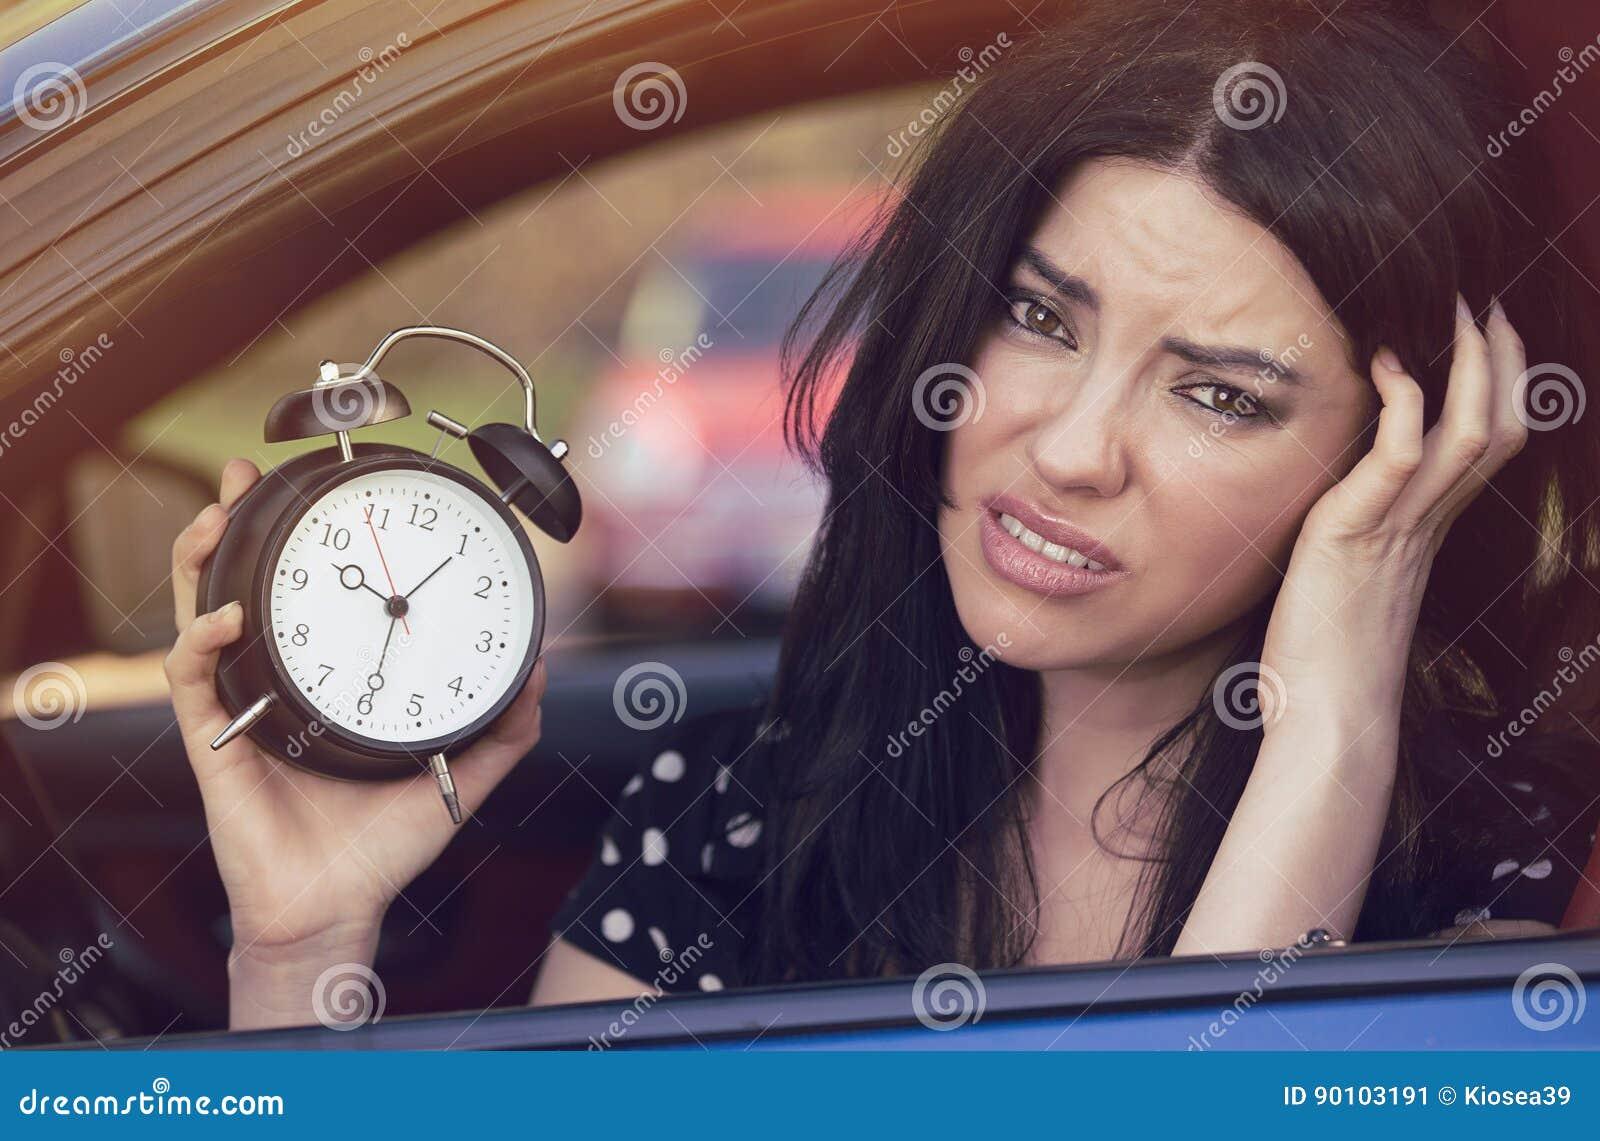 Ανησυχημένη γυναίκα μέσα στο αυτοκίνητο που παρουσιάζει ξυπνητήρι που τρέχει αργά στην εργασία